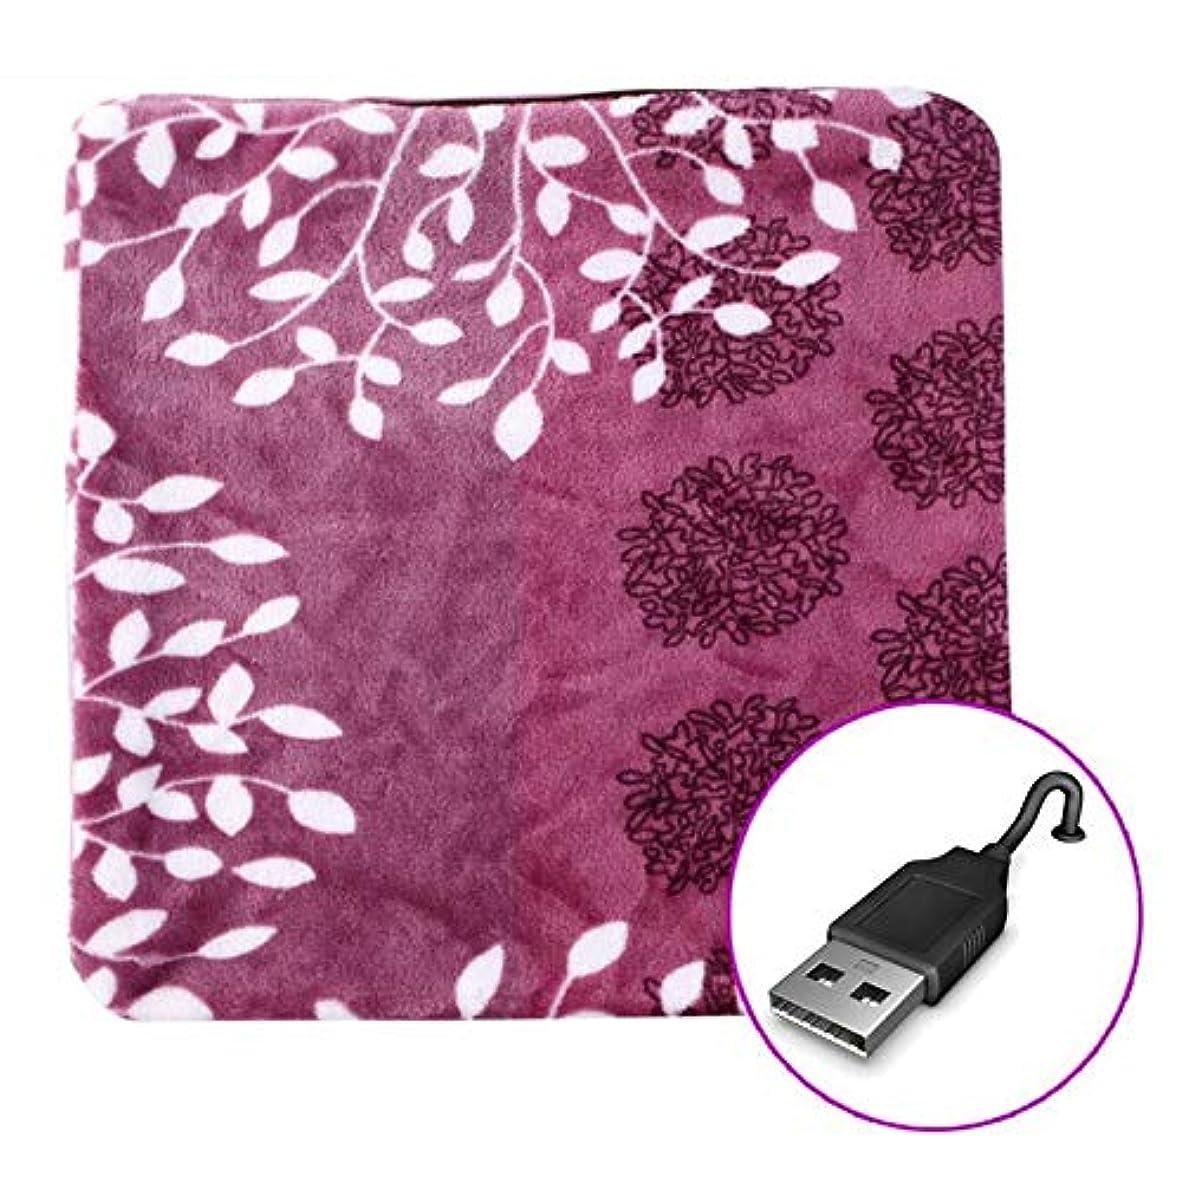 蒸発するなにナースLIFE 加熱クッション USB 45 × 45 センチメートルリムーバブルと洗える加熱パッド暖かいパッドオフィス電熱クッション電気加熱毛布クッション クッション 椅子